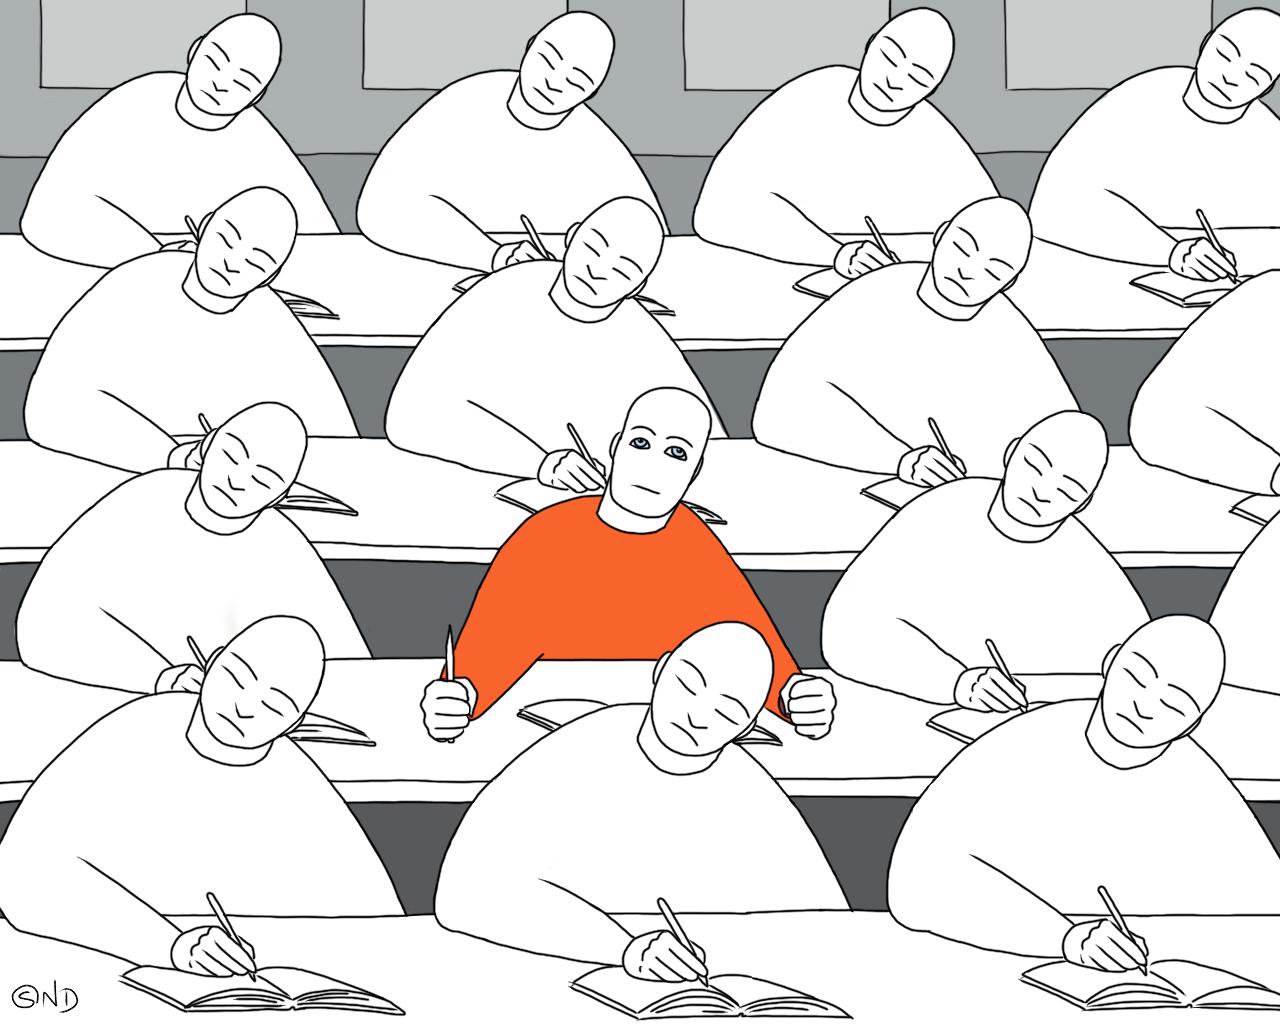 Contraddizione, crisi sistemica e direzione per il cambiamento: un'intervista a Wang Hui